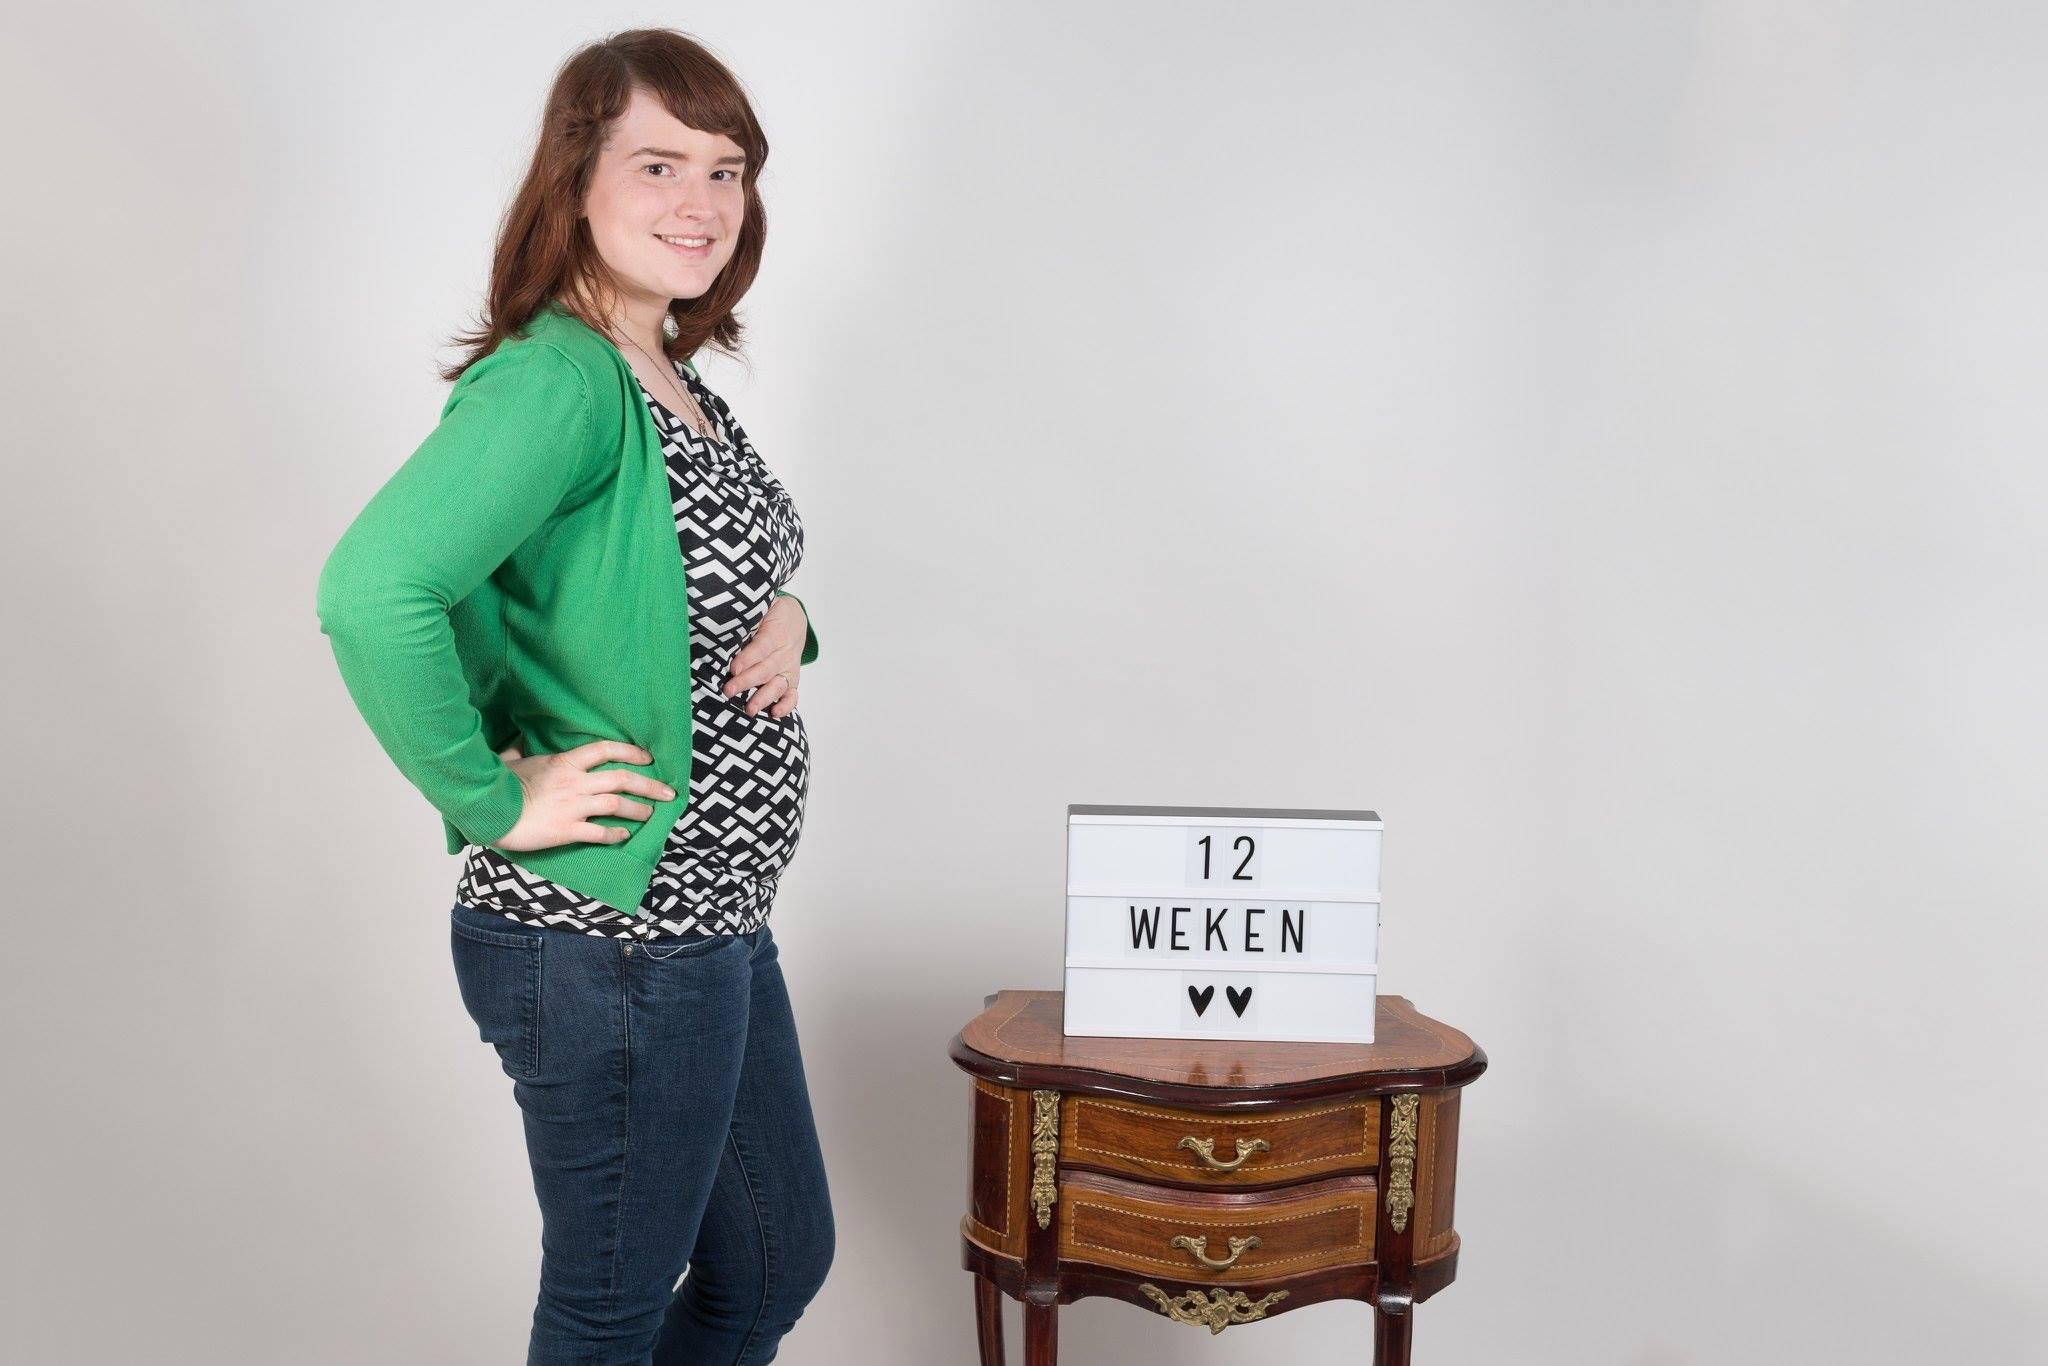 hoeveel kilo aankomen laatste weken zwangerschap